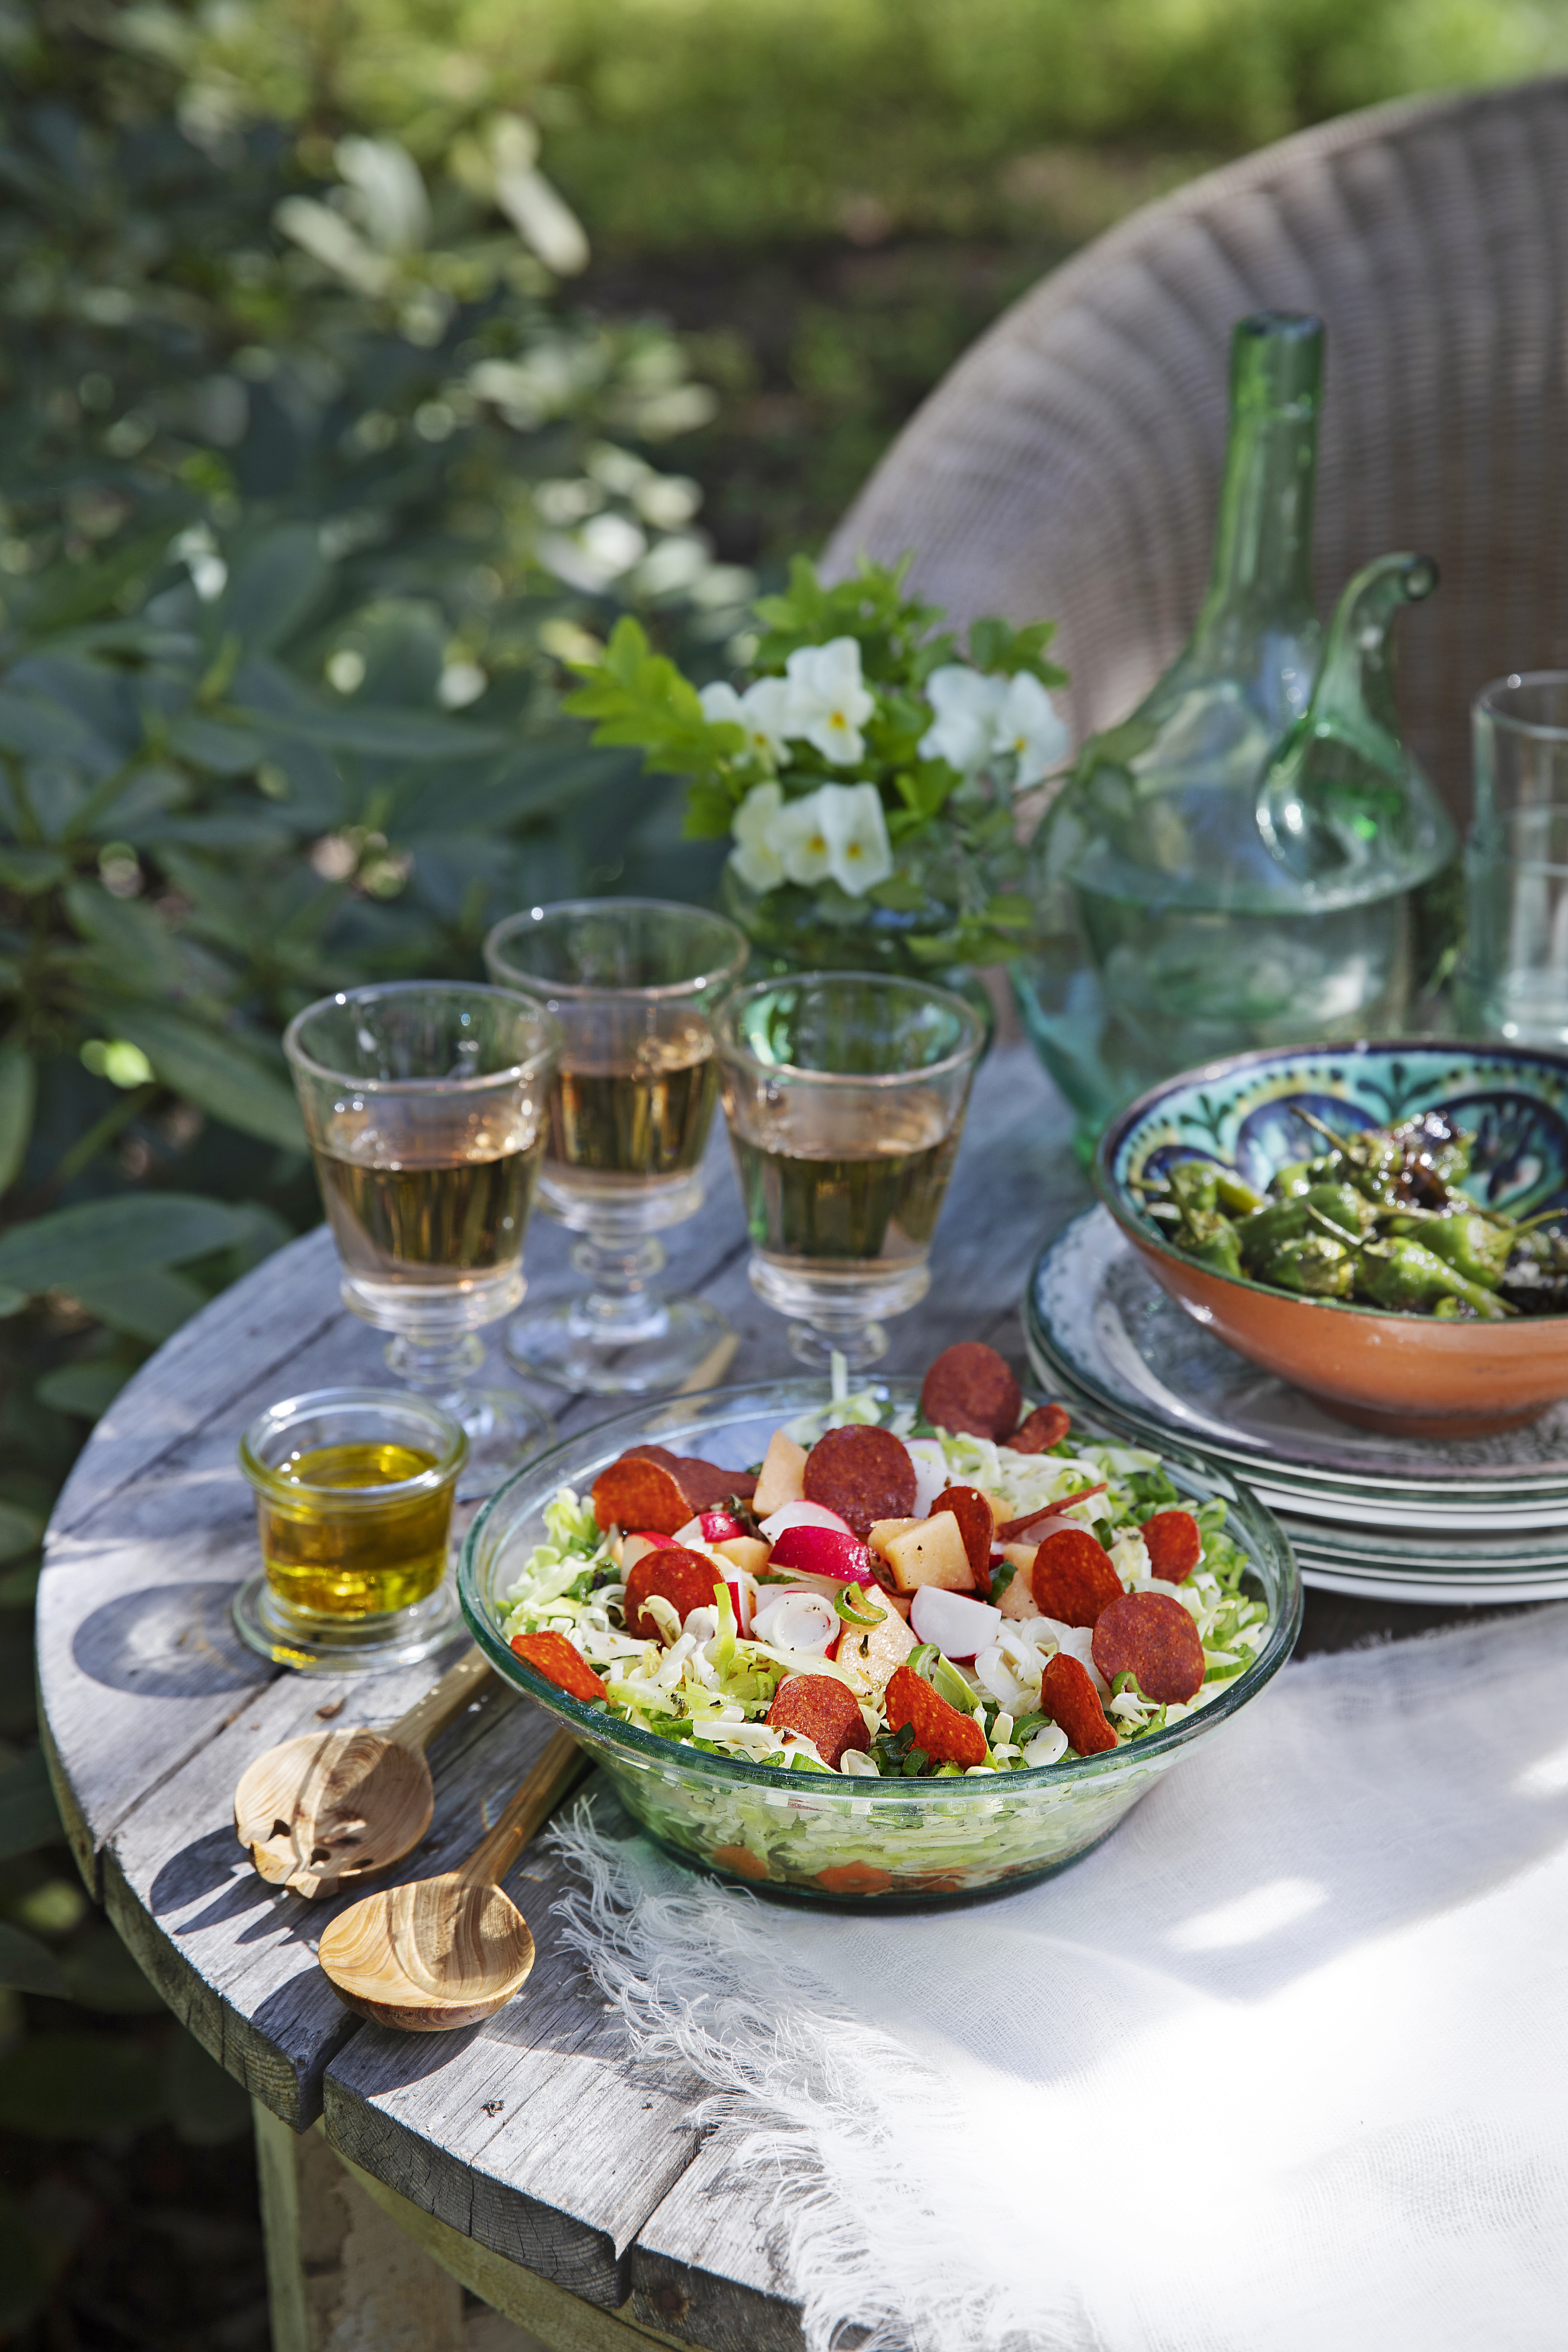 Pizzeriasalaatissa on kaalia, retiisejä, hunajamelonia ja rouskuvan rapeita salamisipsejä. Salaatin seurana maistuvat myös grillissä paahdetut ja sormisuolalla maustetut padron-paprikat ja roseeviini.